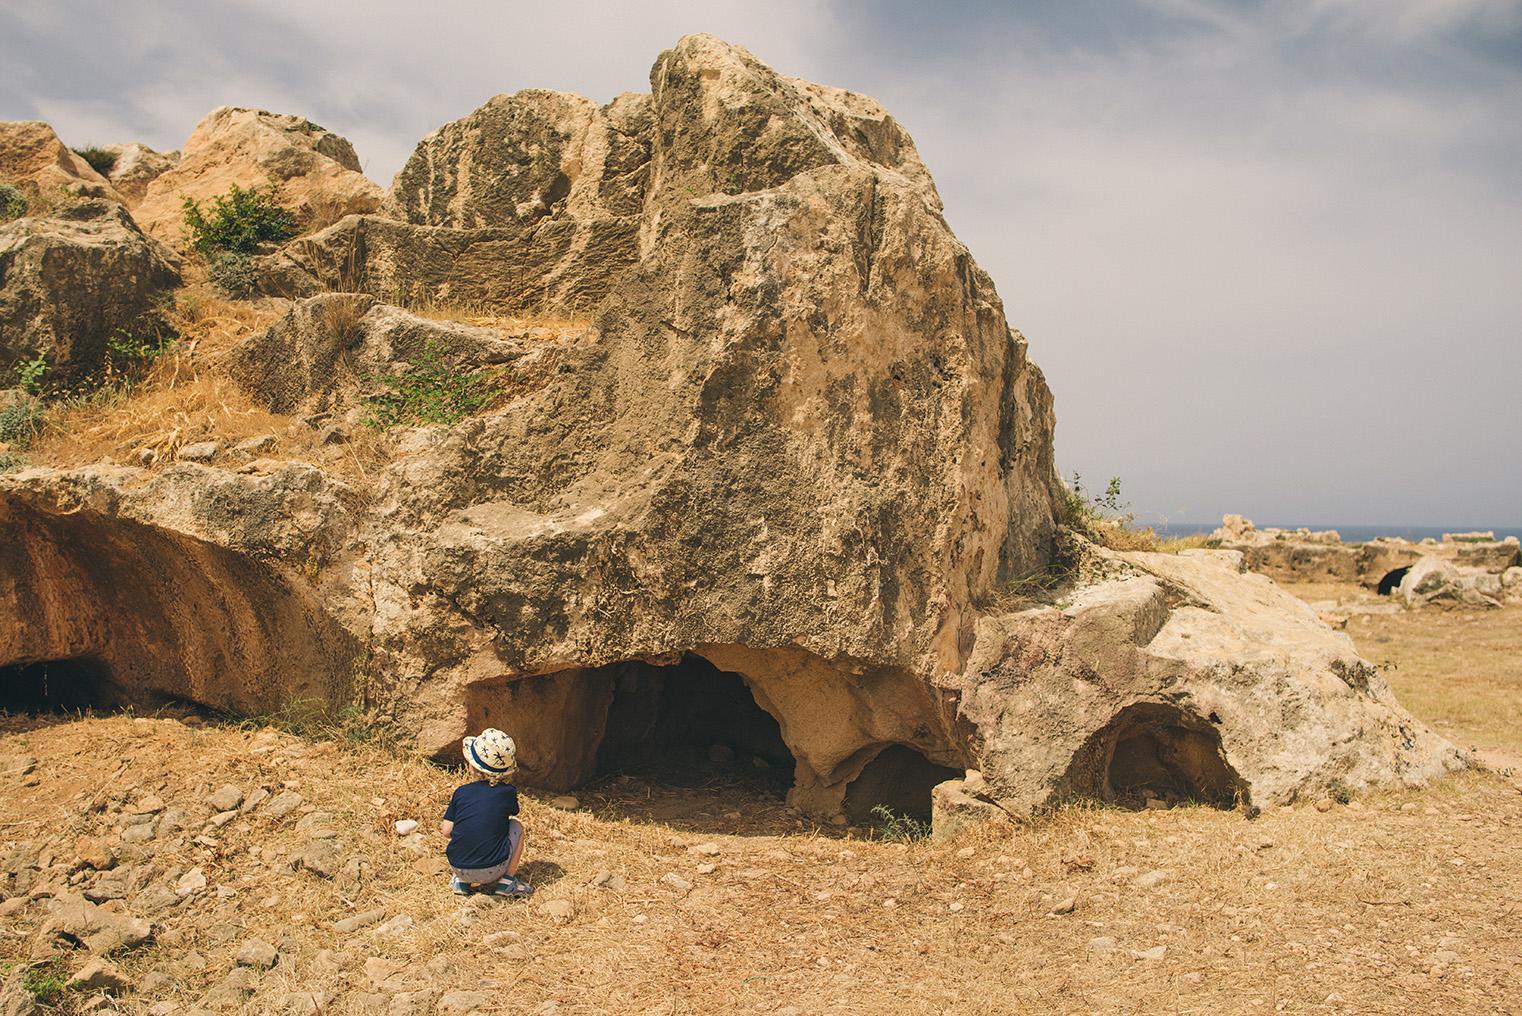 07.Groby Krolewskie Pafos - Cypr - podroz z dzieckiem